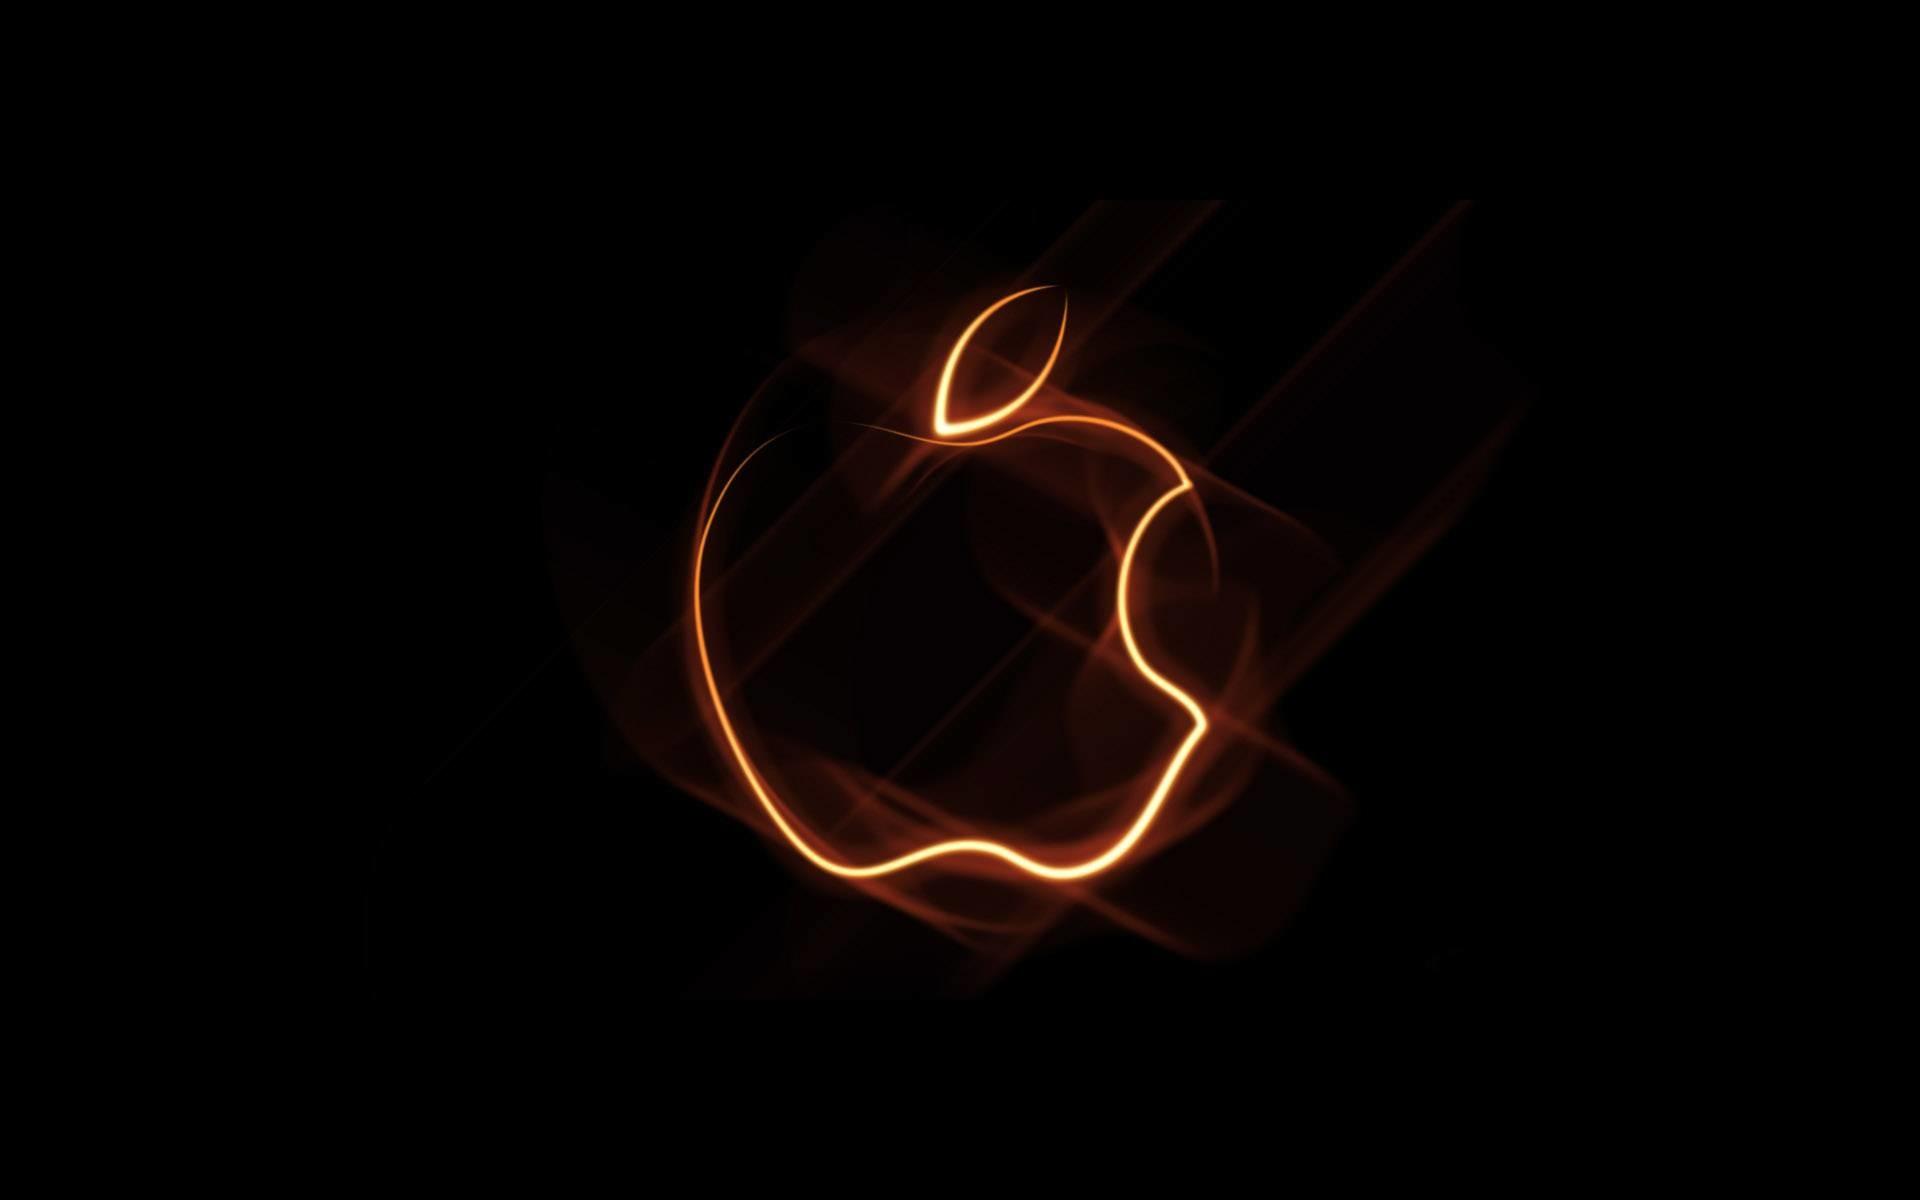 Res: 1920x1200, Apple Orange Desktop Pics Wallpapers